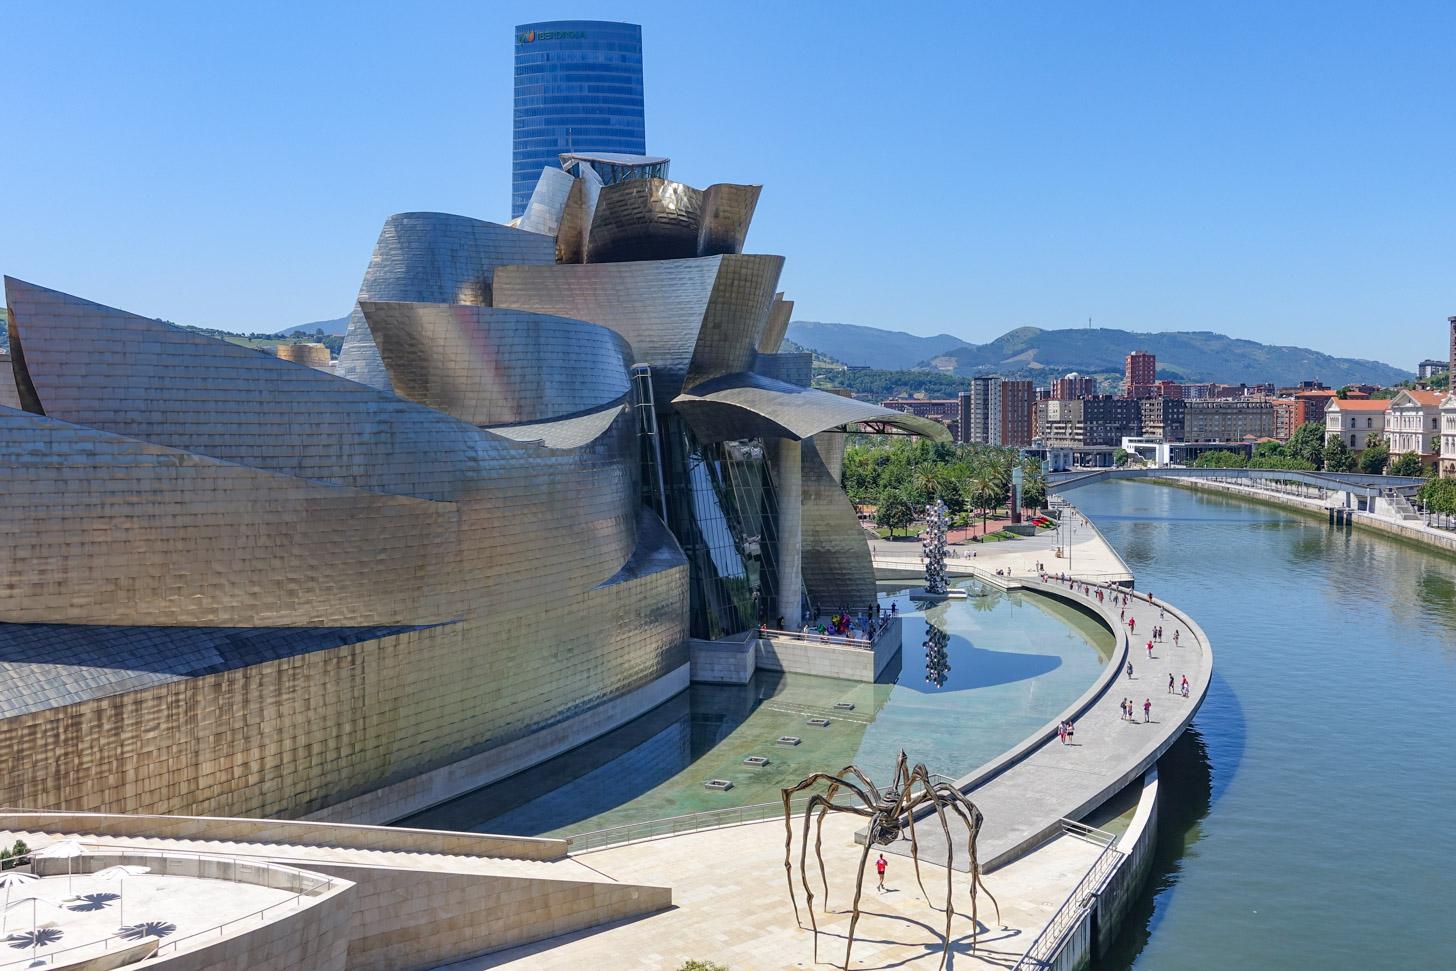 Het prachtig vormgegeven Guggenheim Museum in Bilbao